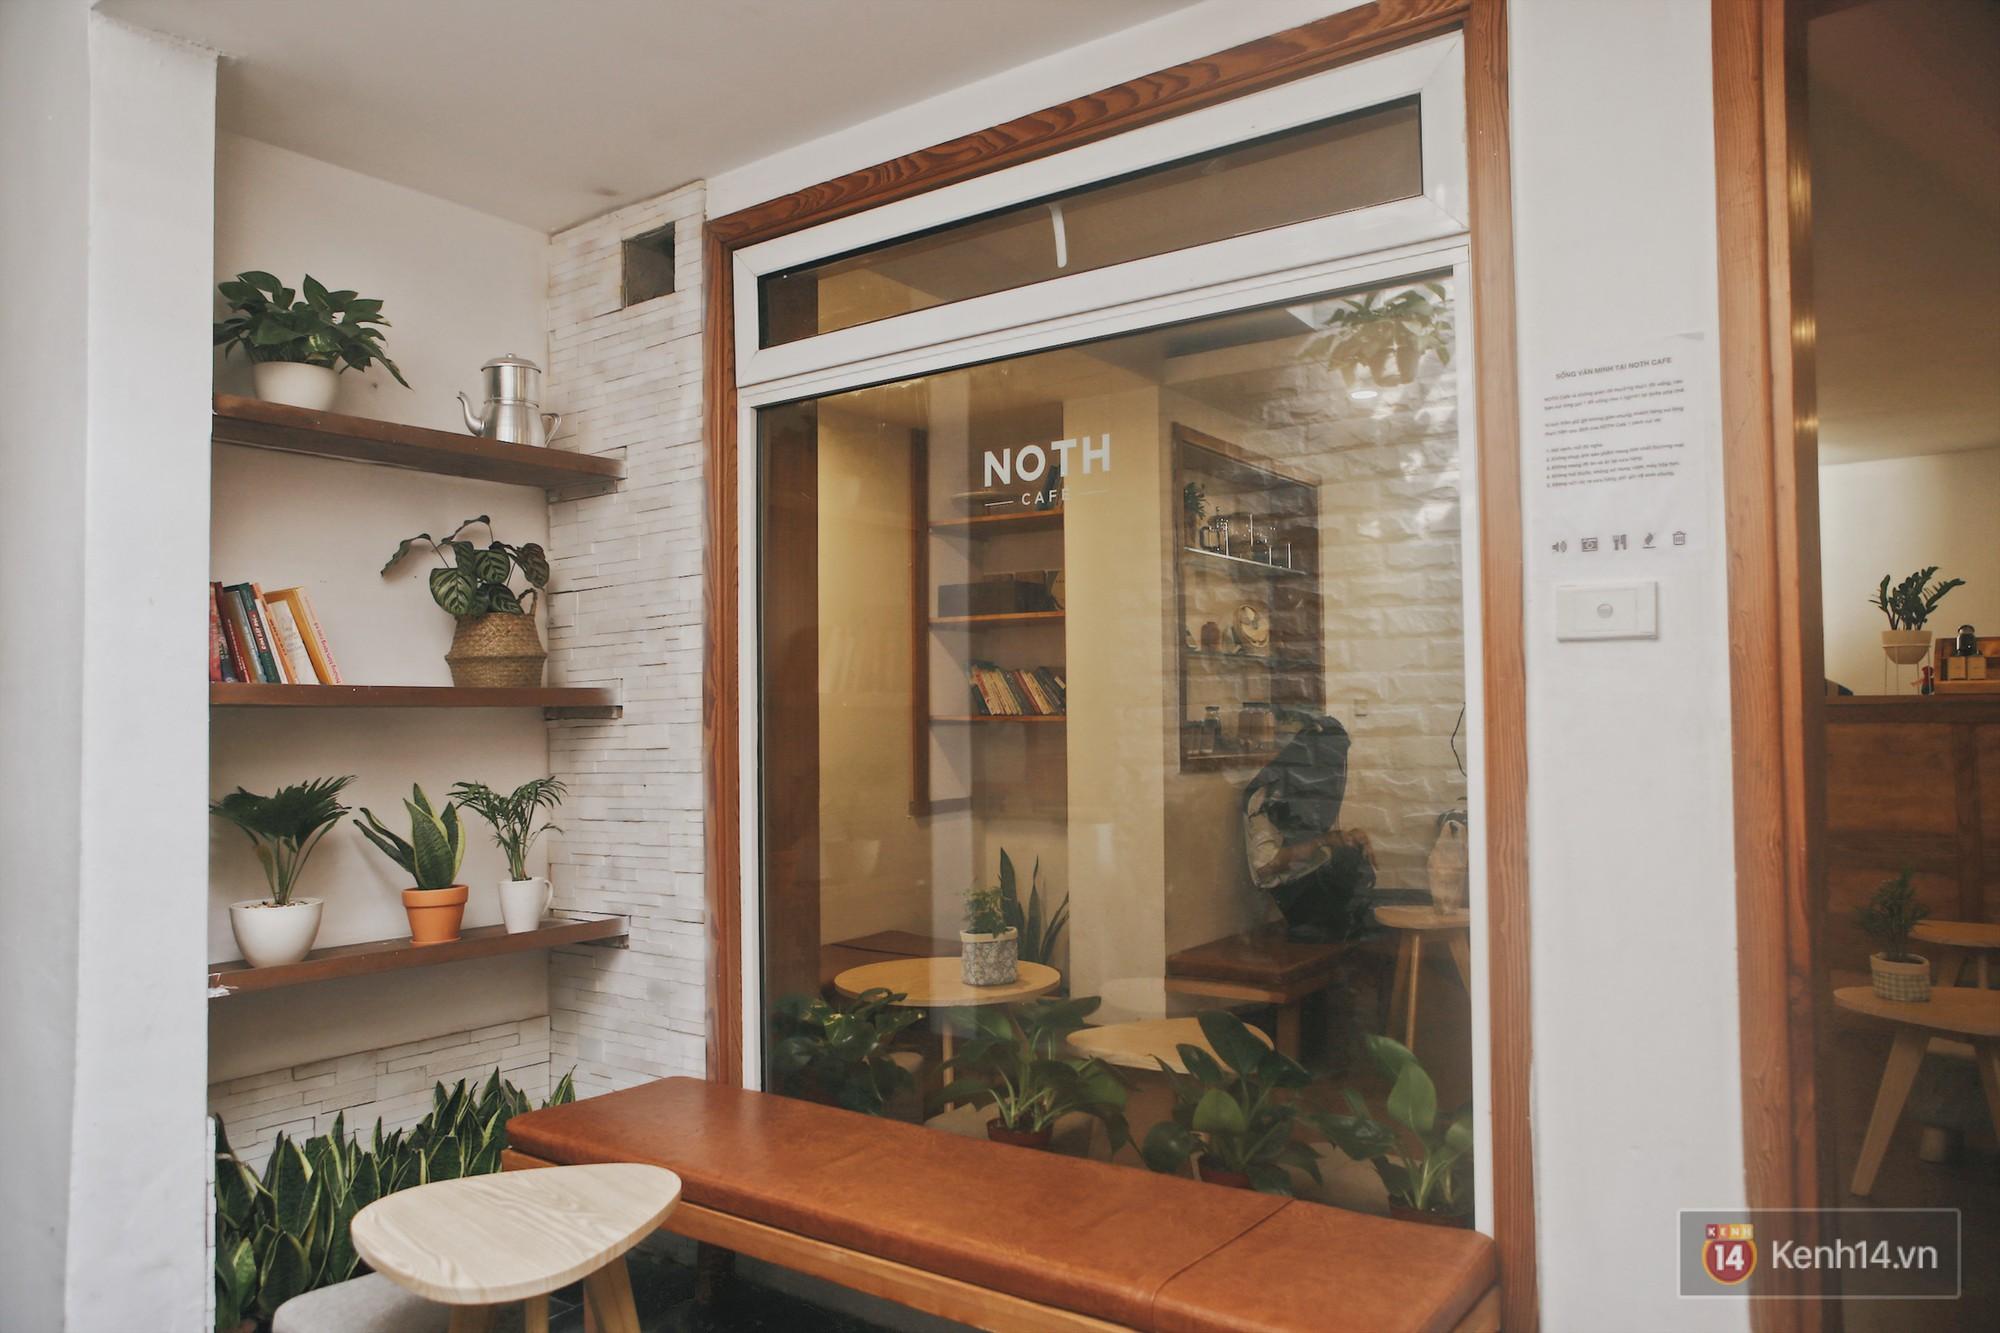 Hà Nội: 3 quán cà phê xanh mướt, mát rượi cực hợp để đi vào những ngày đầu thu - Ảnh 26.